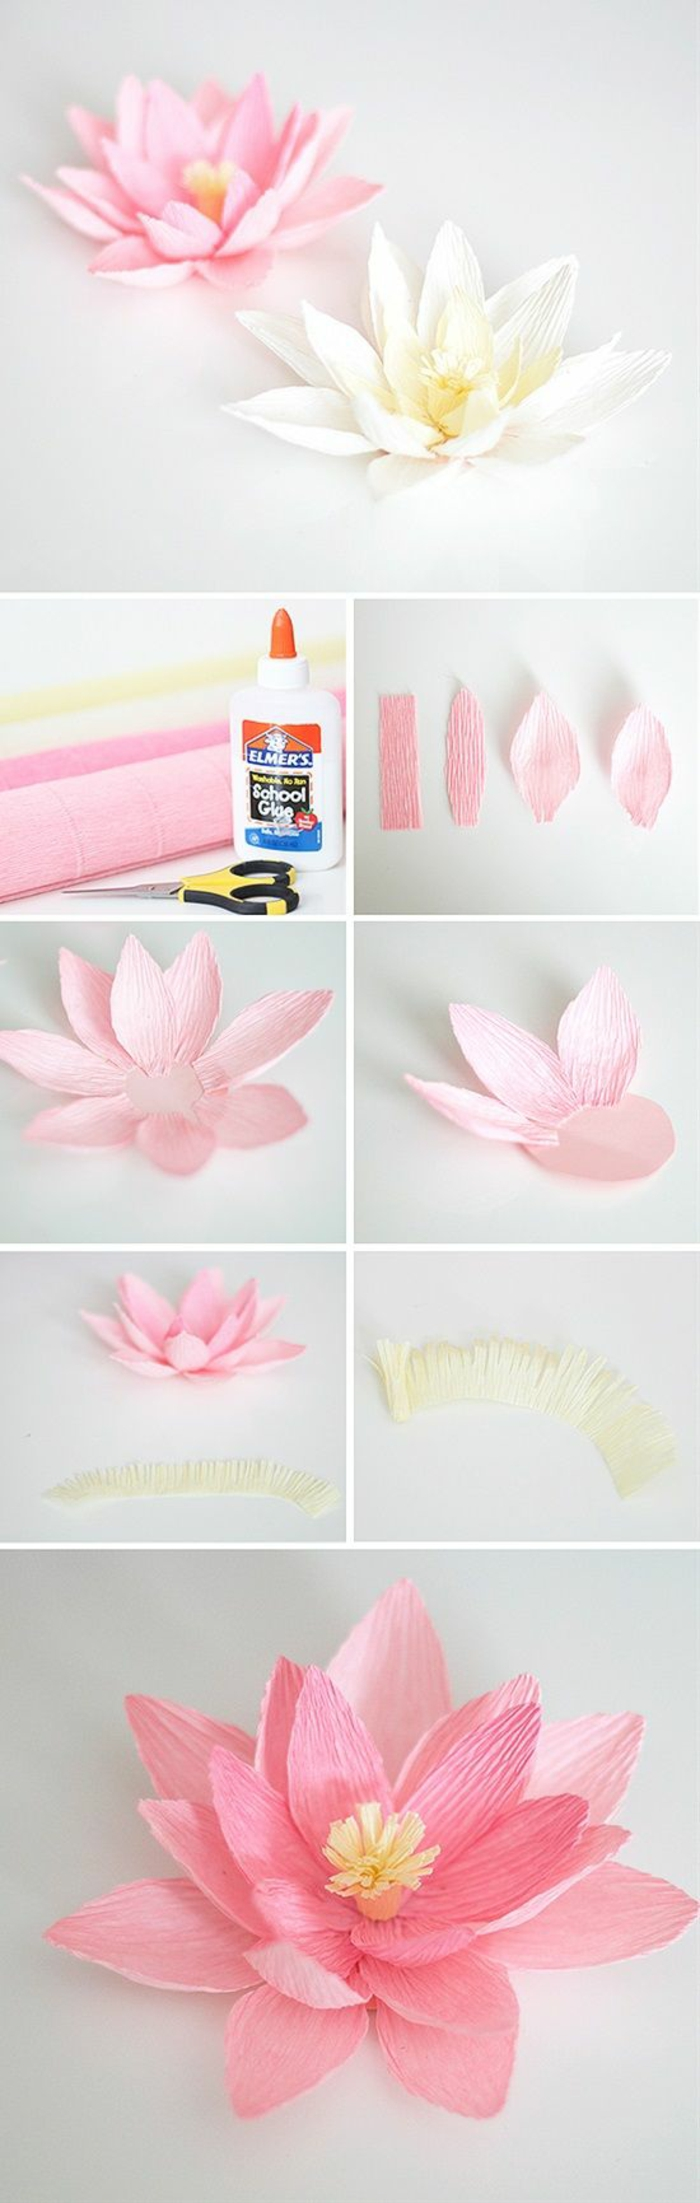 basteln für kinder, wasserlilien aus papier und kleber gestalten pink und weiß